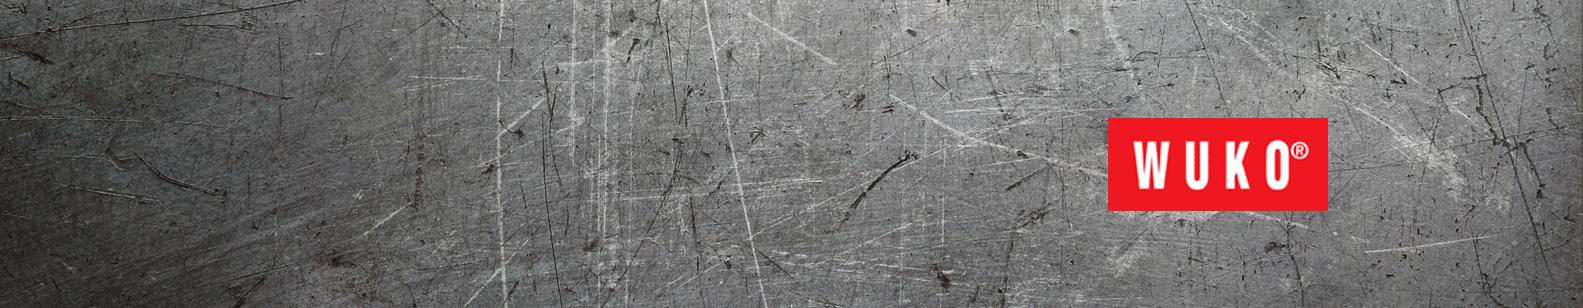 Wuko įrankiai  Lakštinio metalo plokščių pjovimo, lankstymo, užlankų (kraštų volcavimo) formavimo įrankiai